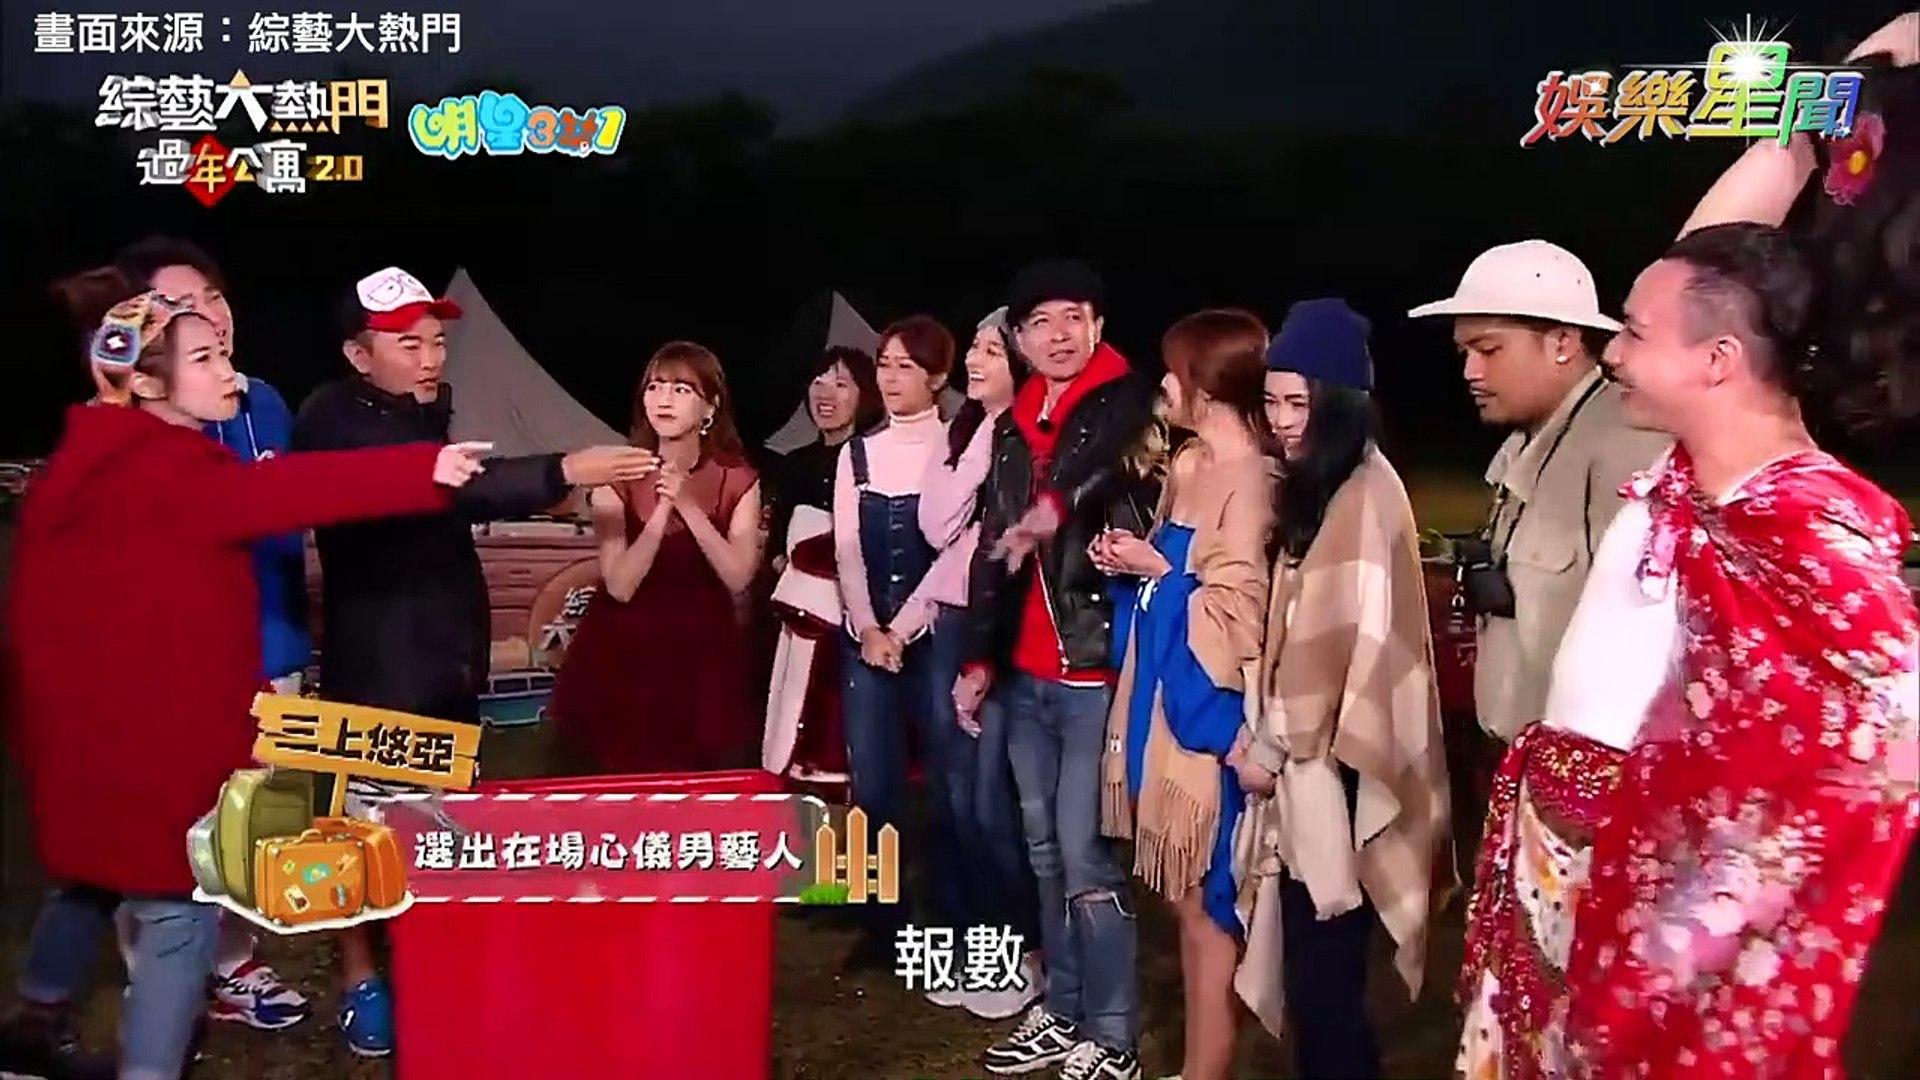 綜藝大熱門│三上悠亞挺F乳親餵 噴鼻血全暴動Hot Door Night|Vidol.tv